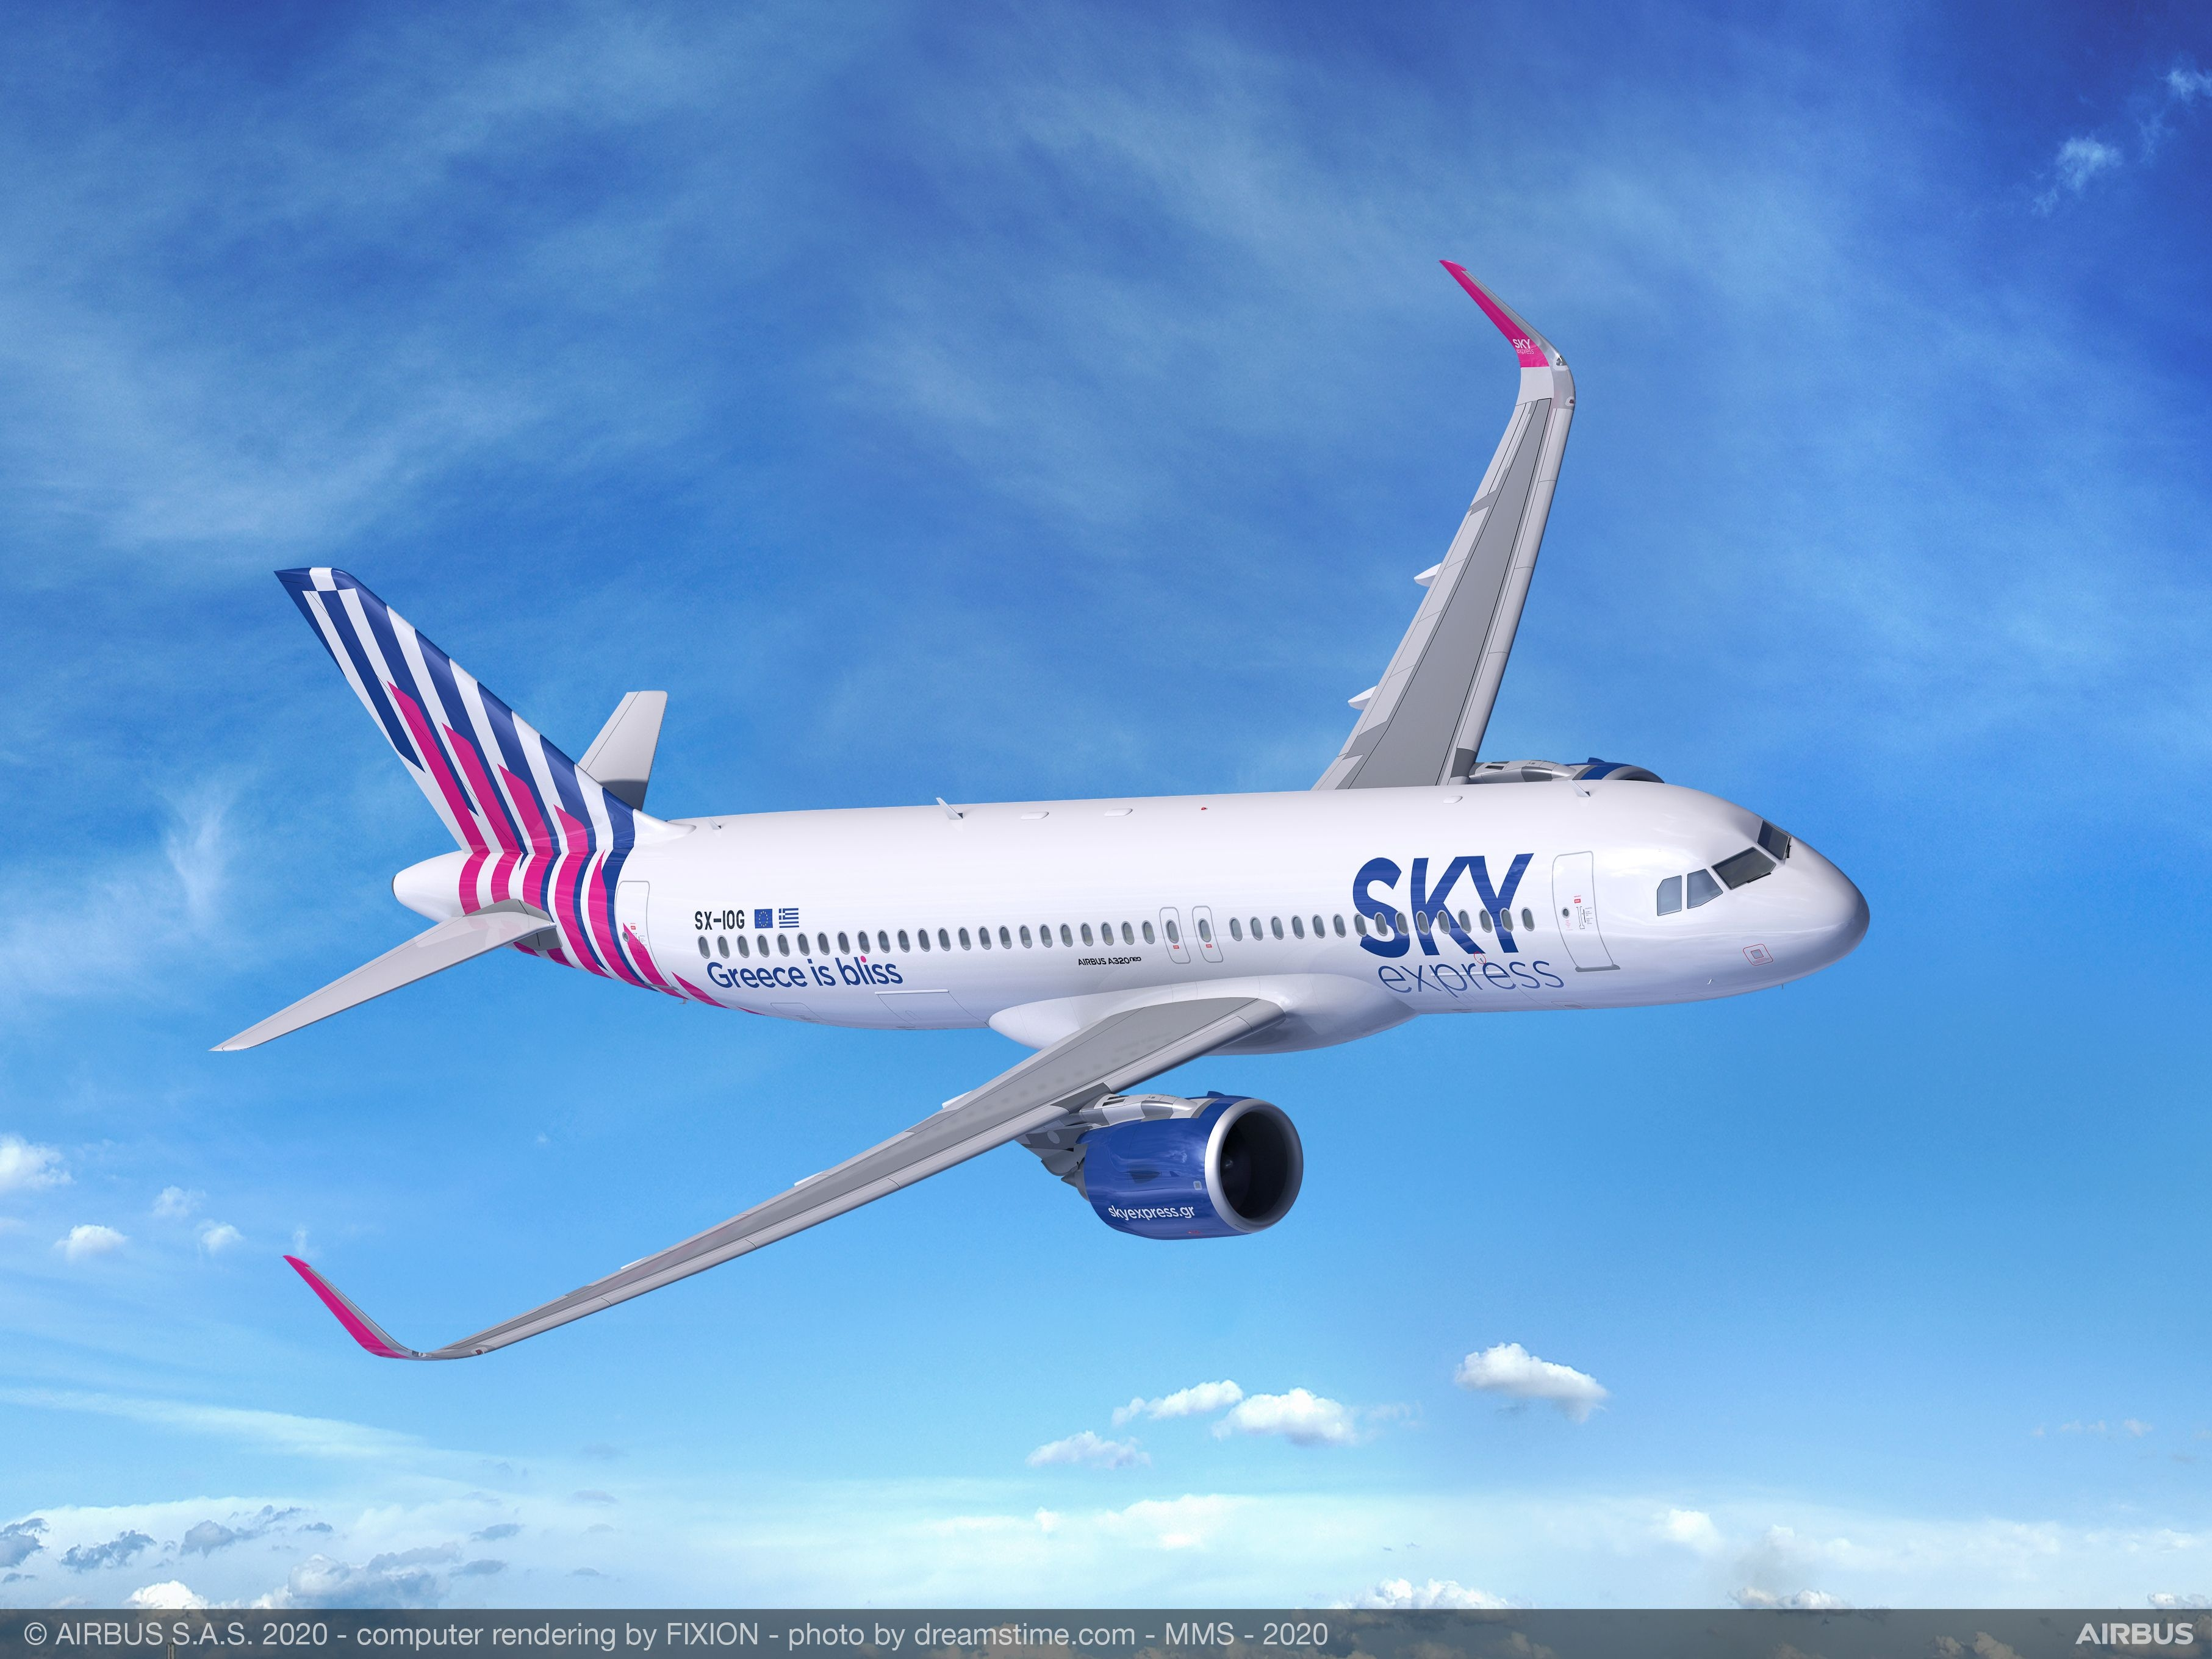 希腊SKY express航空公司订购4架空客A320neo飞机